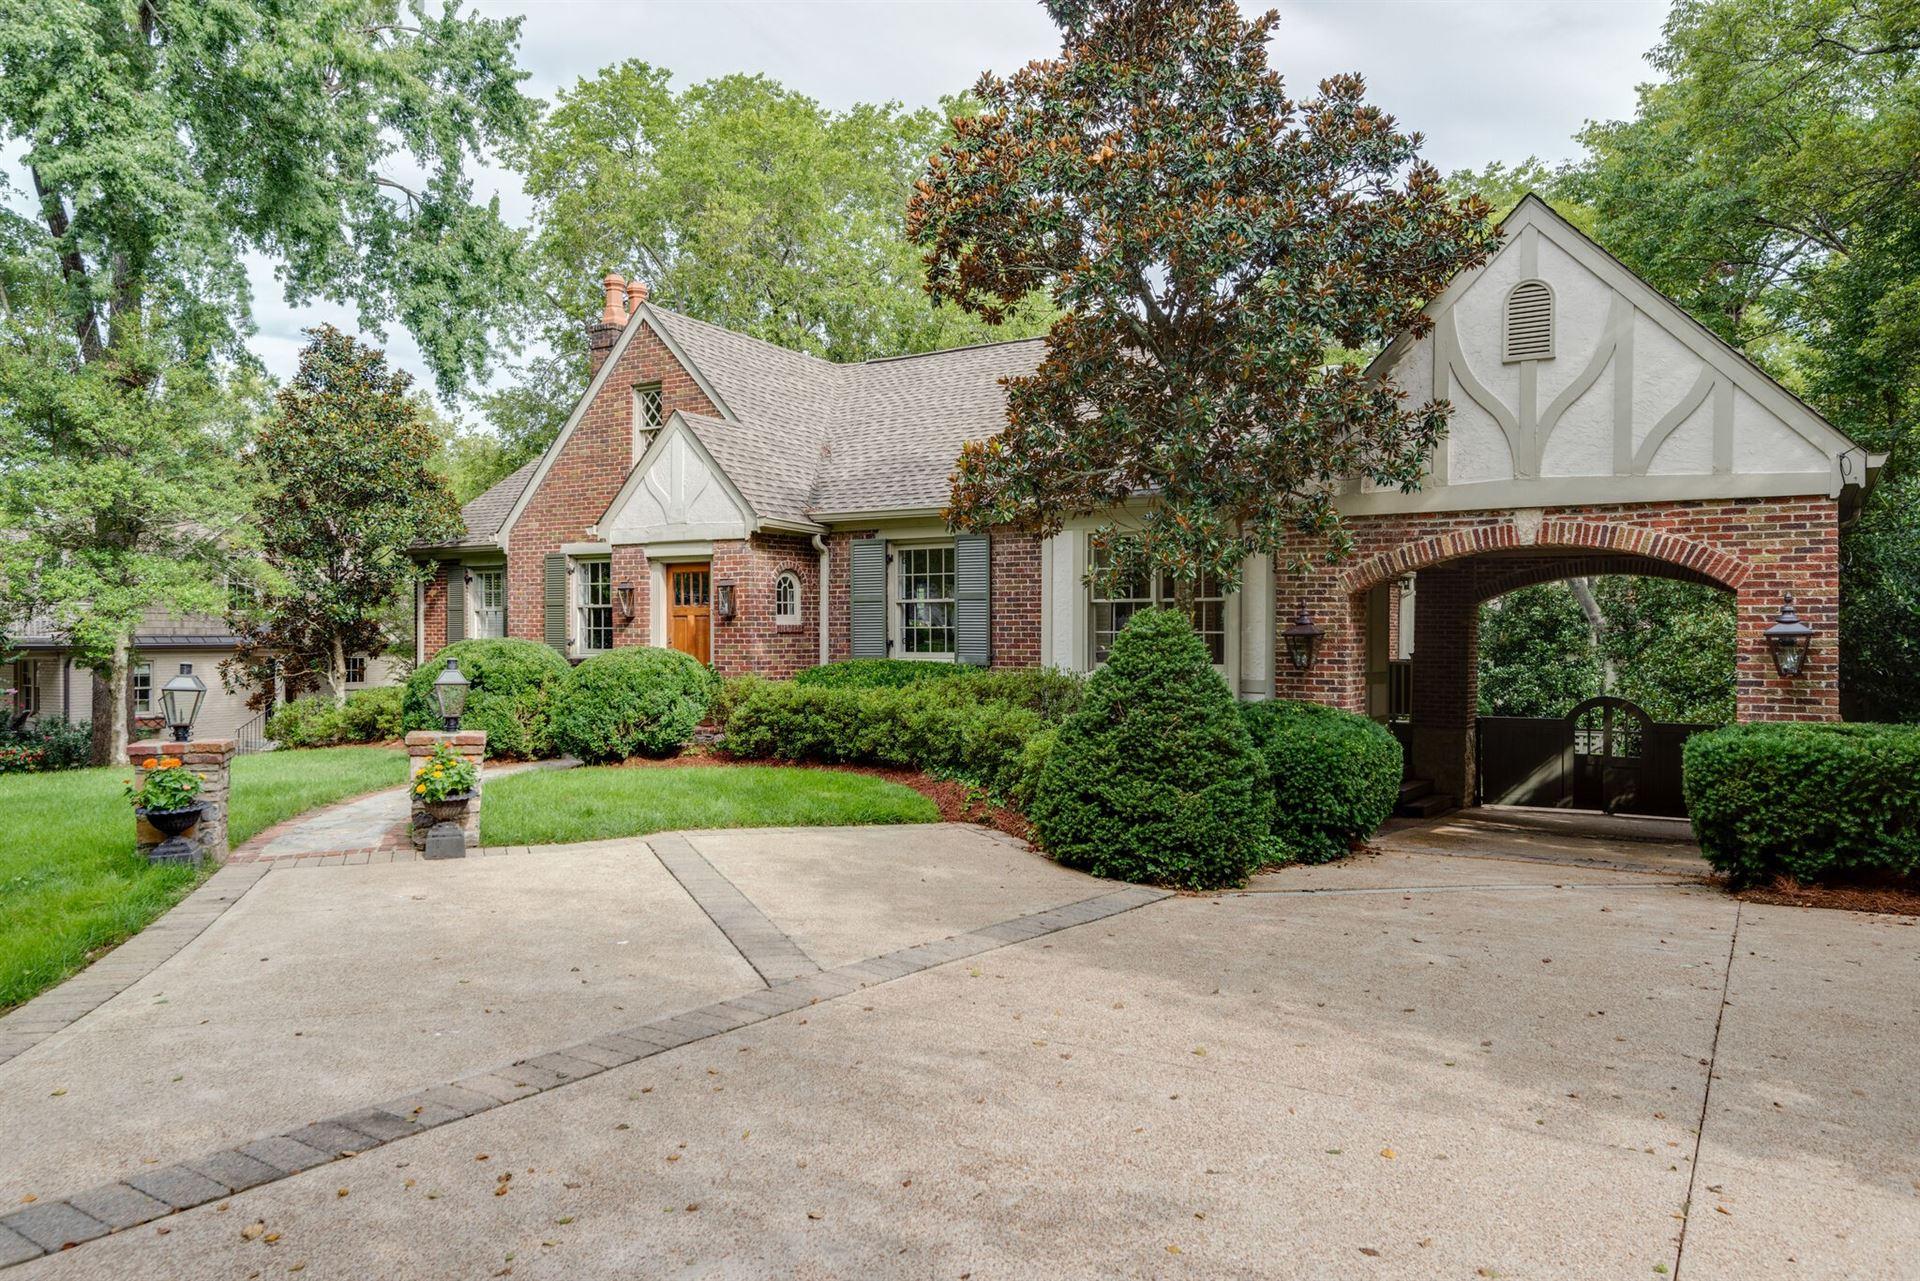 Photo of 3614 Hampton Ave, Nashville, TN 37215 (MLS # 2190305)